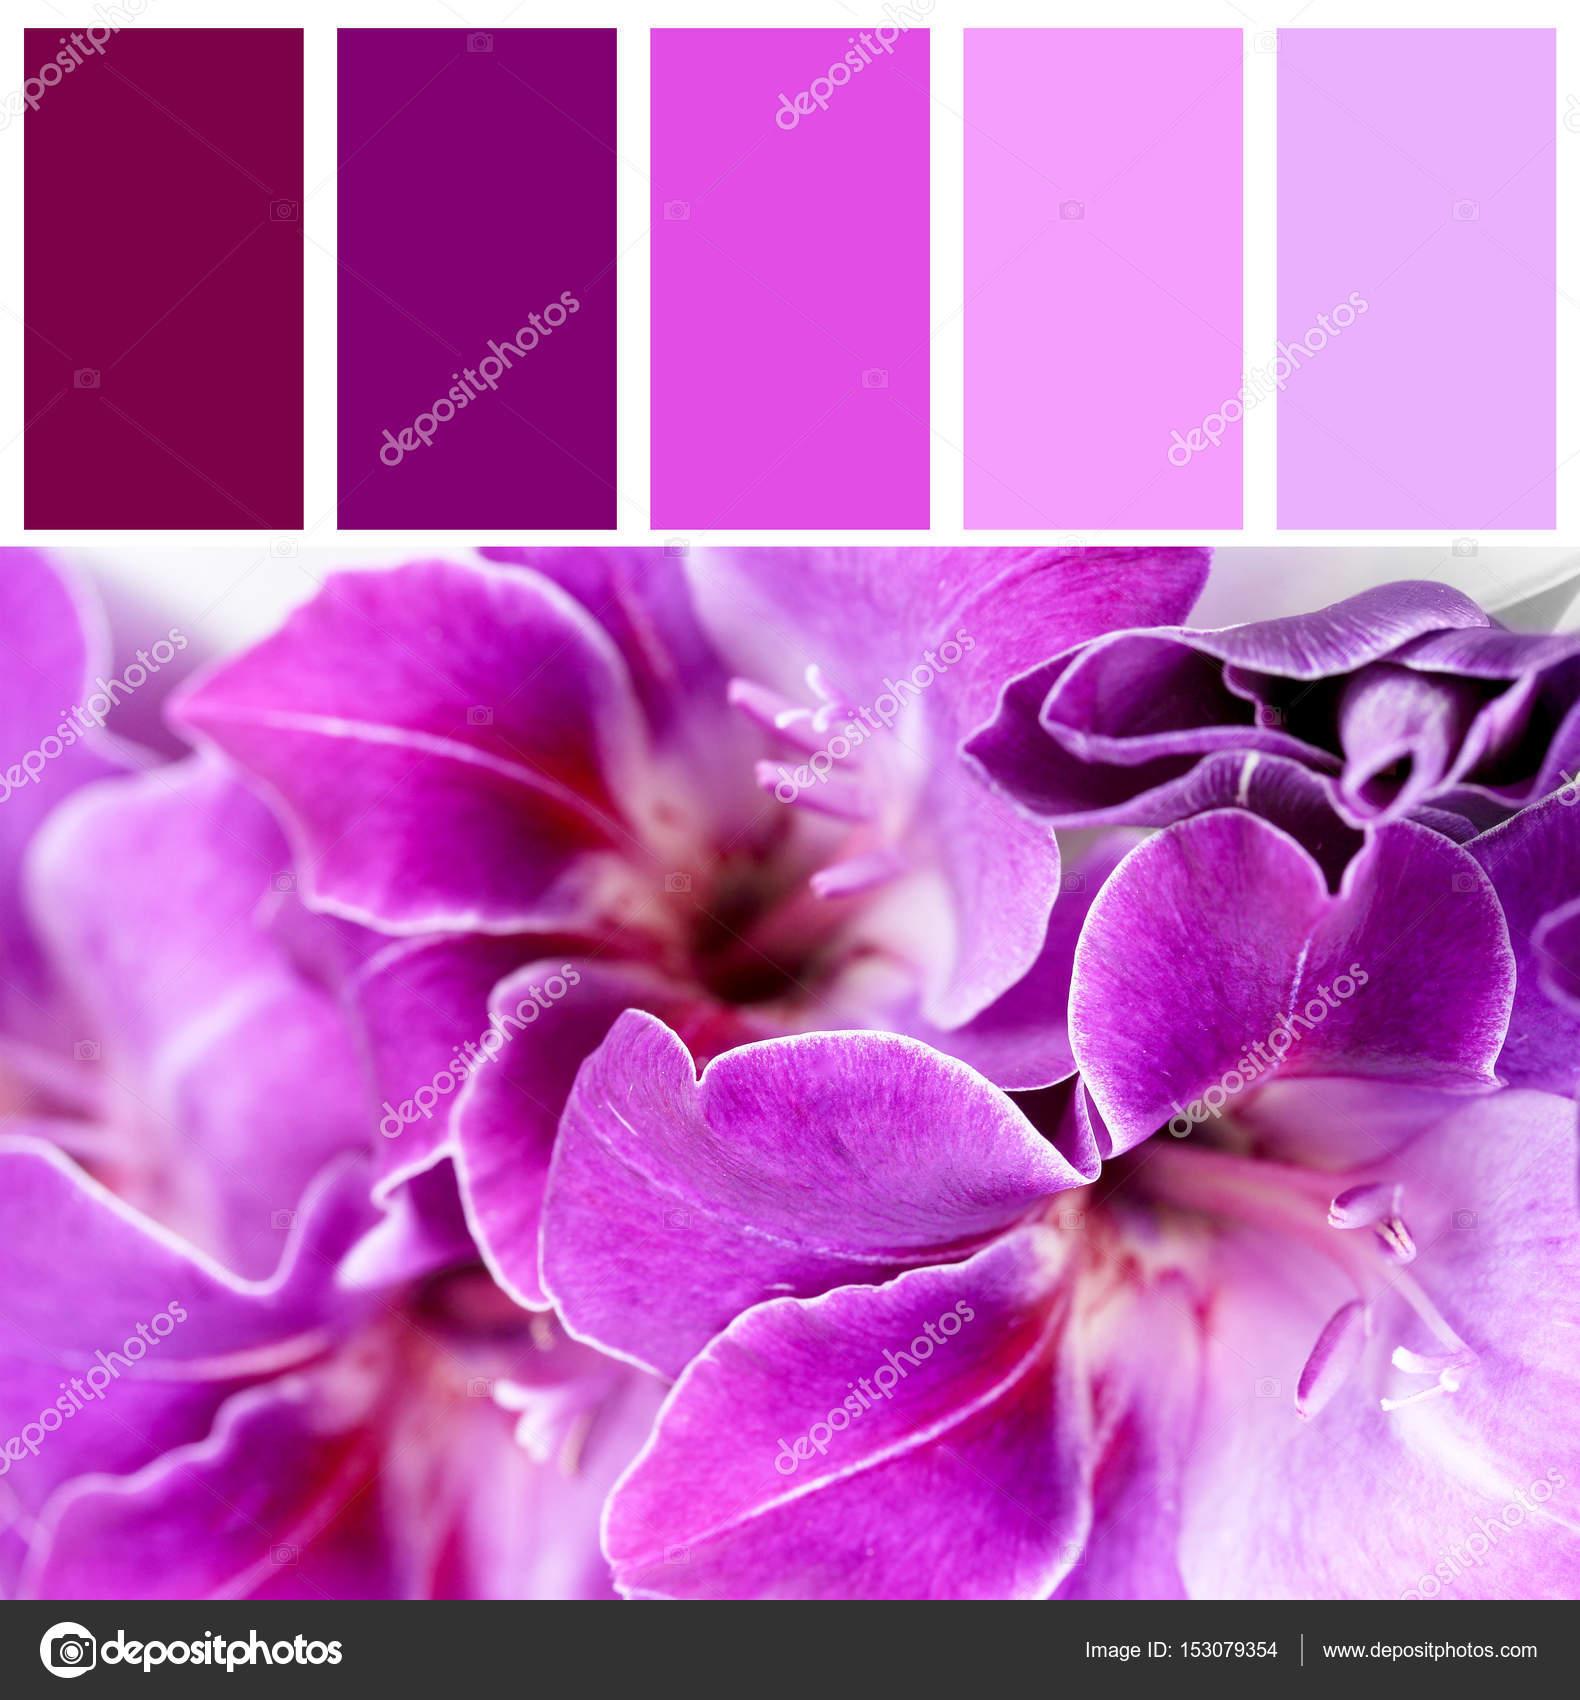 fiori di corrispondenza e bellissimo colore lilla foto stock belchonock 153079354. Black Bedroom Furniture Sets. Home Design Ideas